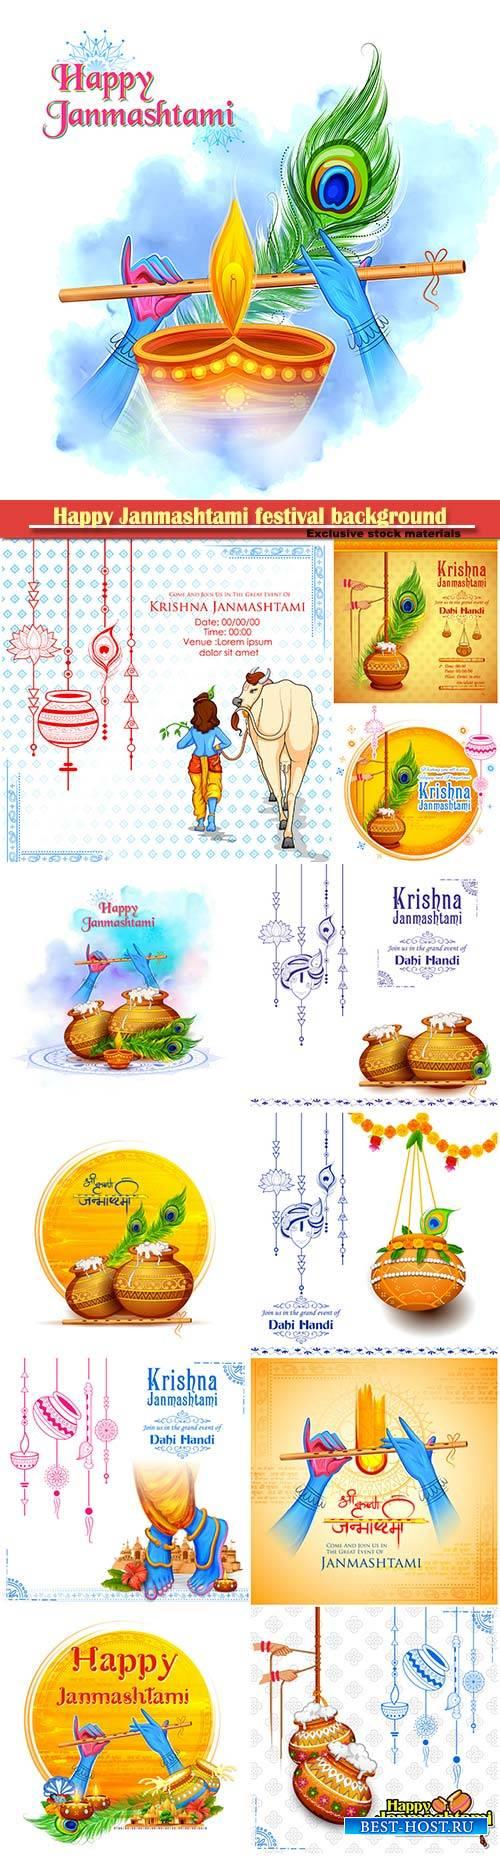 Happy Janmashtami festival background of India, Lord Krishna playing bansur ...